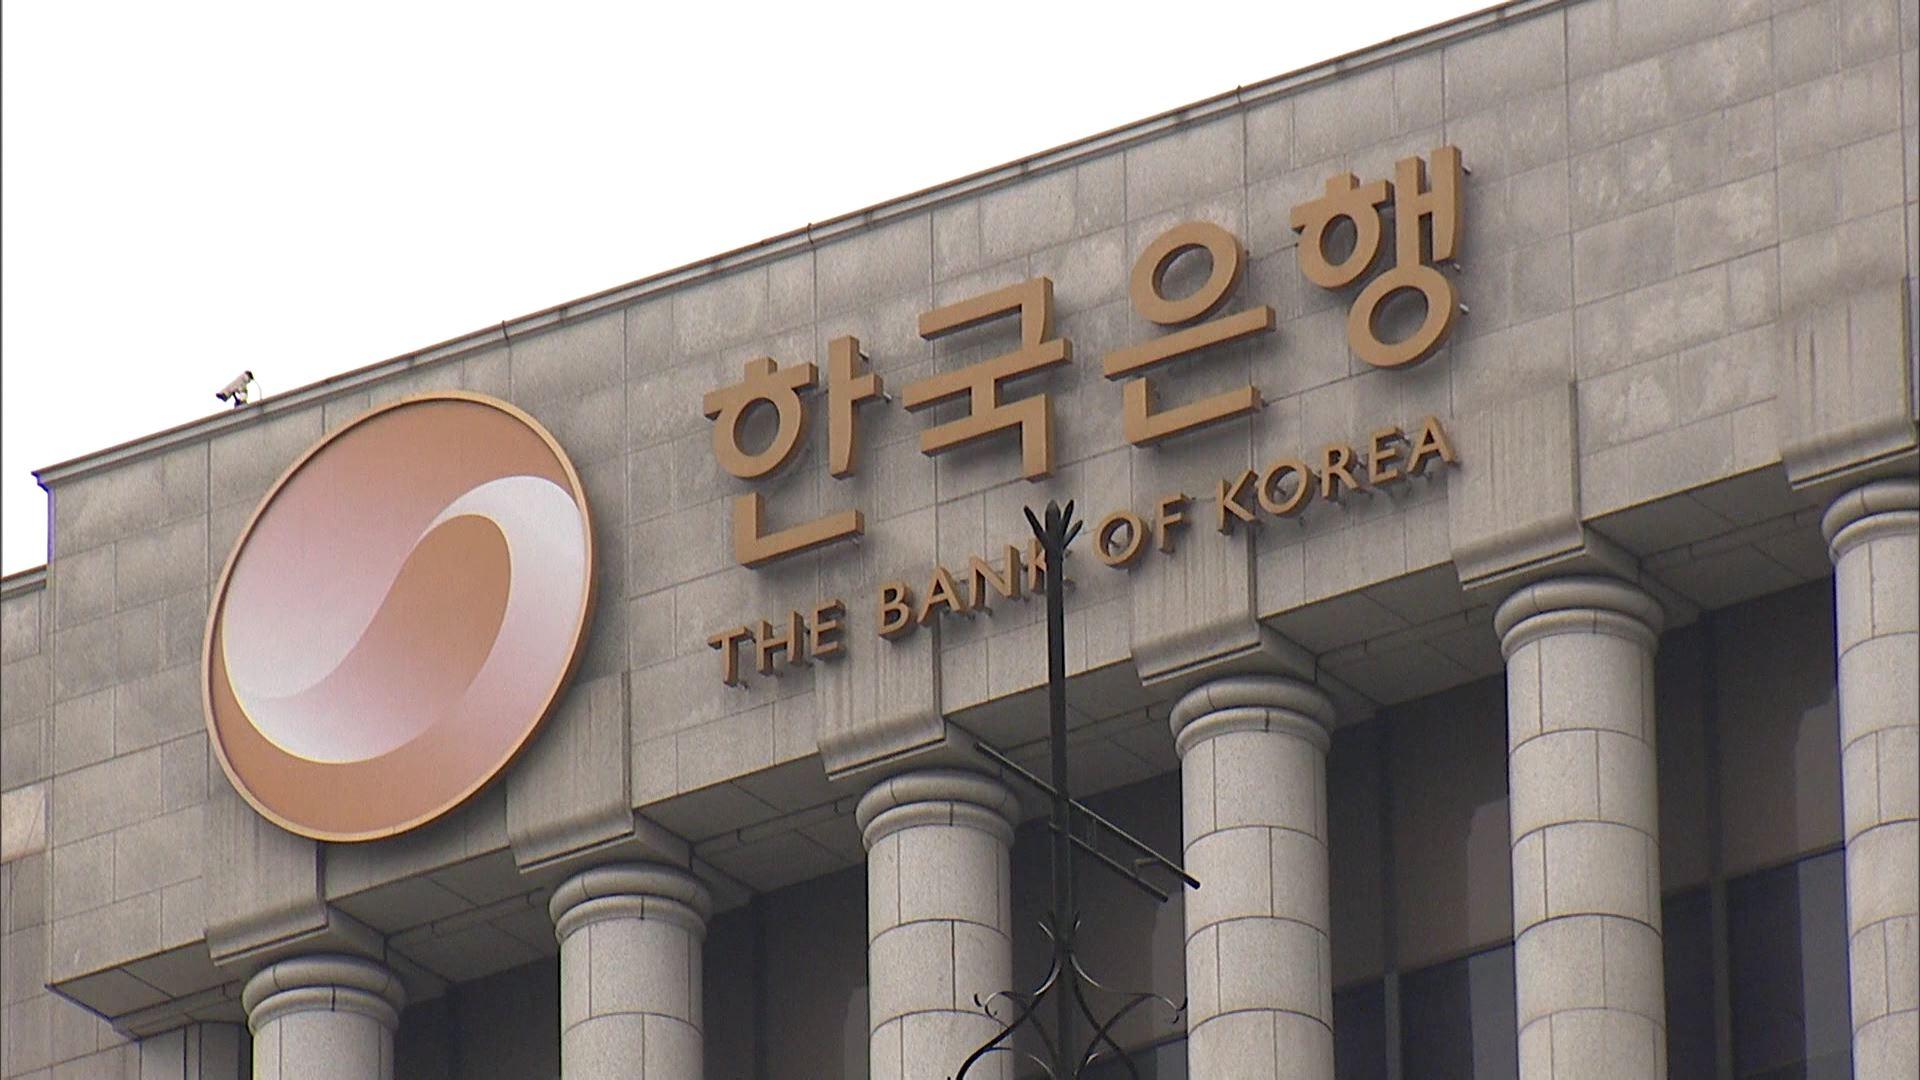 中 장쑤성도 韓 단체관광 허용…기대되는 관련주는?